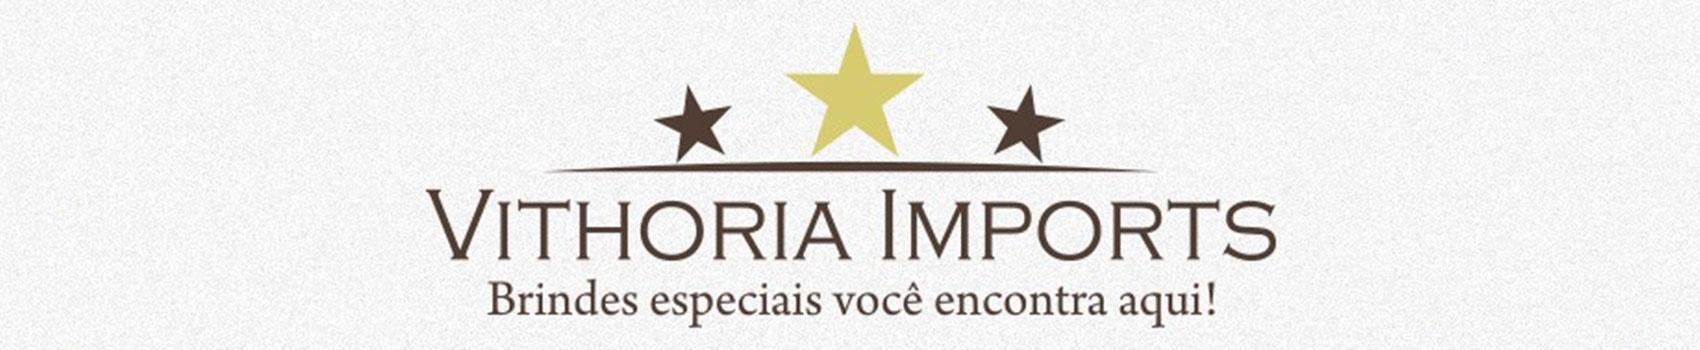 Vithoria Imports Brindes